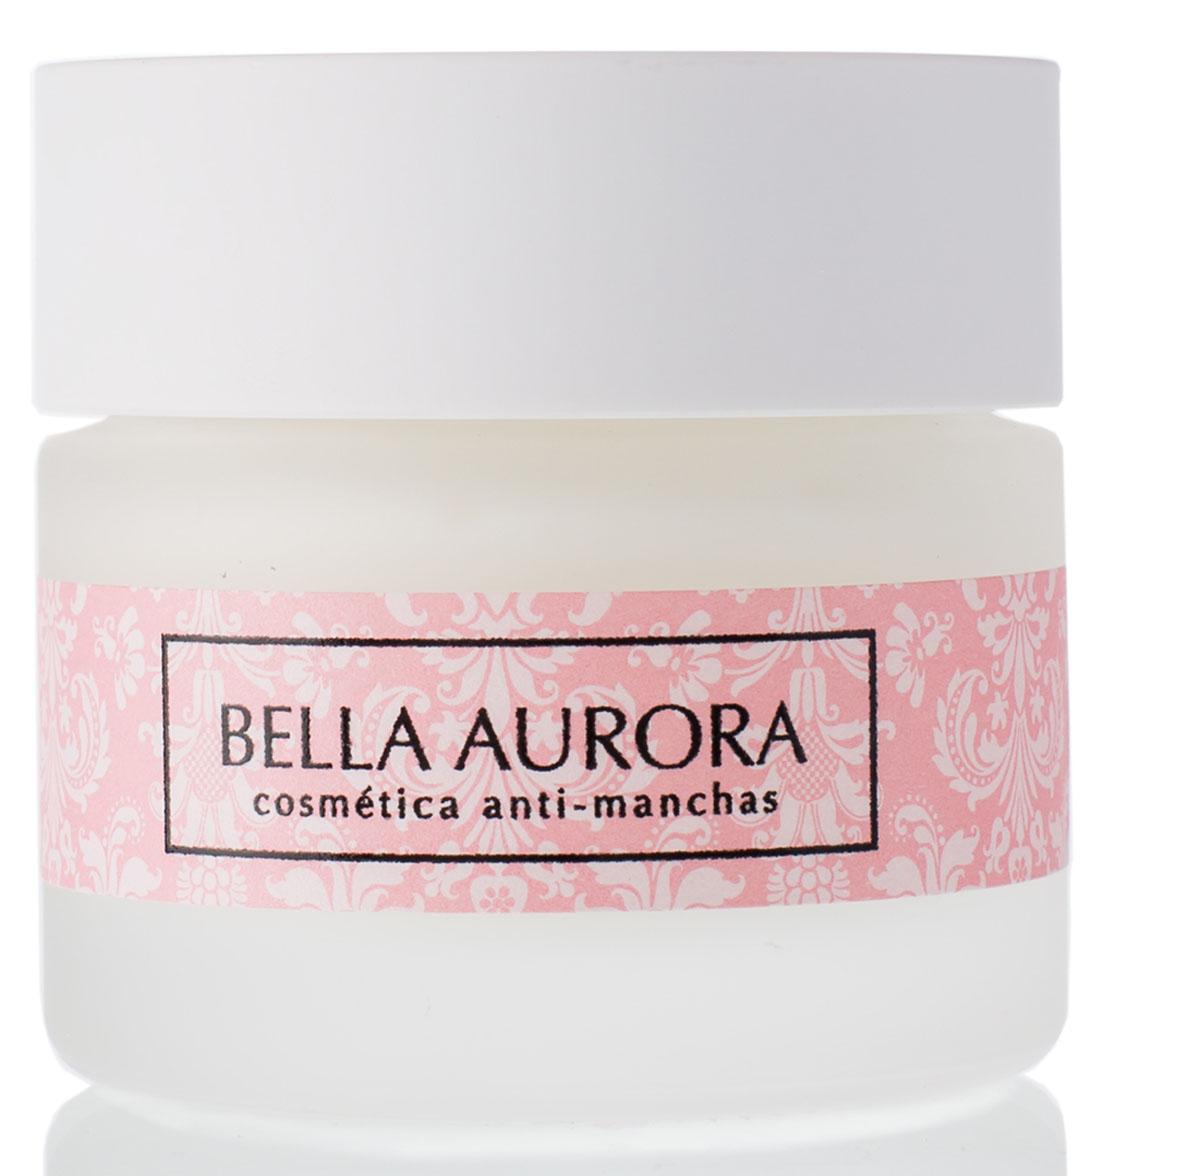 Bella Aurora Питательный увлажняющий крем для лица SPF 15 50 млBA4094150Крем Hydra Rich Solution имеет в составе компоненты, которые обеспечивают интенсивное и мгновенное увлажнение на 24 часа. Средство обеспечивает мгновенное и продолжительное увлажнение, благодаря интеллектуальной системе распределения. /Выраженное антиокcидантное действие – кожа защищена от агрессивного воздеи?ствия окружающеи? среды. Hydra Rich Solution предотвращает появление пигментных пятен, успокаивает кожу и борется с воспалениями, выравнивает тон и возвращает сияние. /Имеет роскошную тающую текстуру. Увлажняет кожу, не делая ее блестящеи?. Идеальное средство для обезвоженной кожи. SPF15. /Применение:Каждое утро наносить на всю поверхность лица и шеи легкими массажными движениями до полного впитывания. Помните о необходимости дополнить уход солнцезащитным флюидом SPF50+, очищающим скрабом-гелем и ночным питательным кремом.